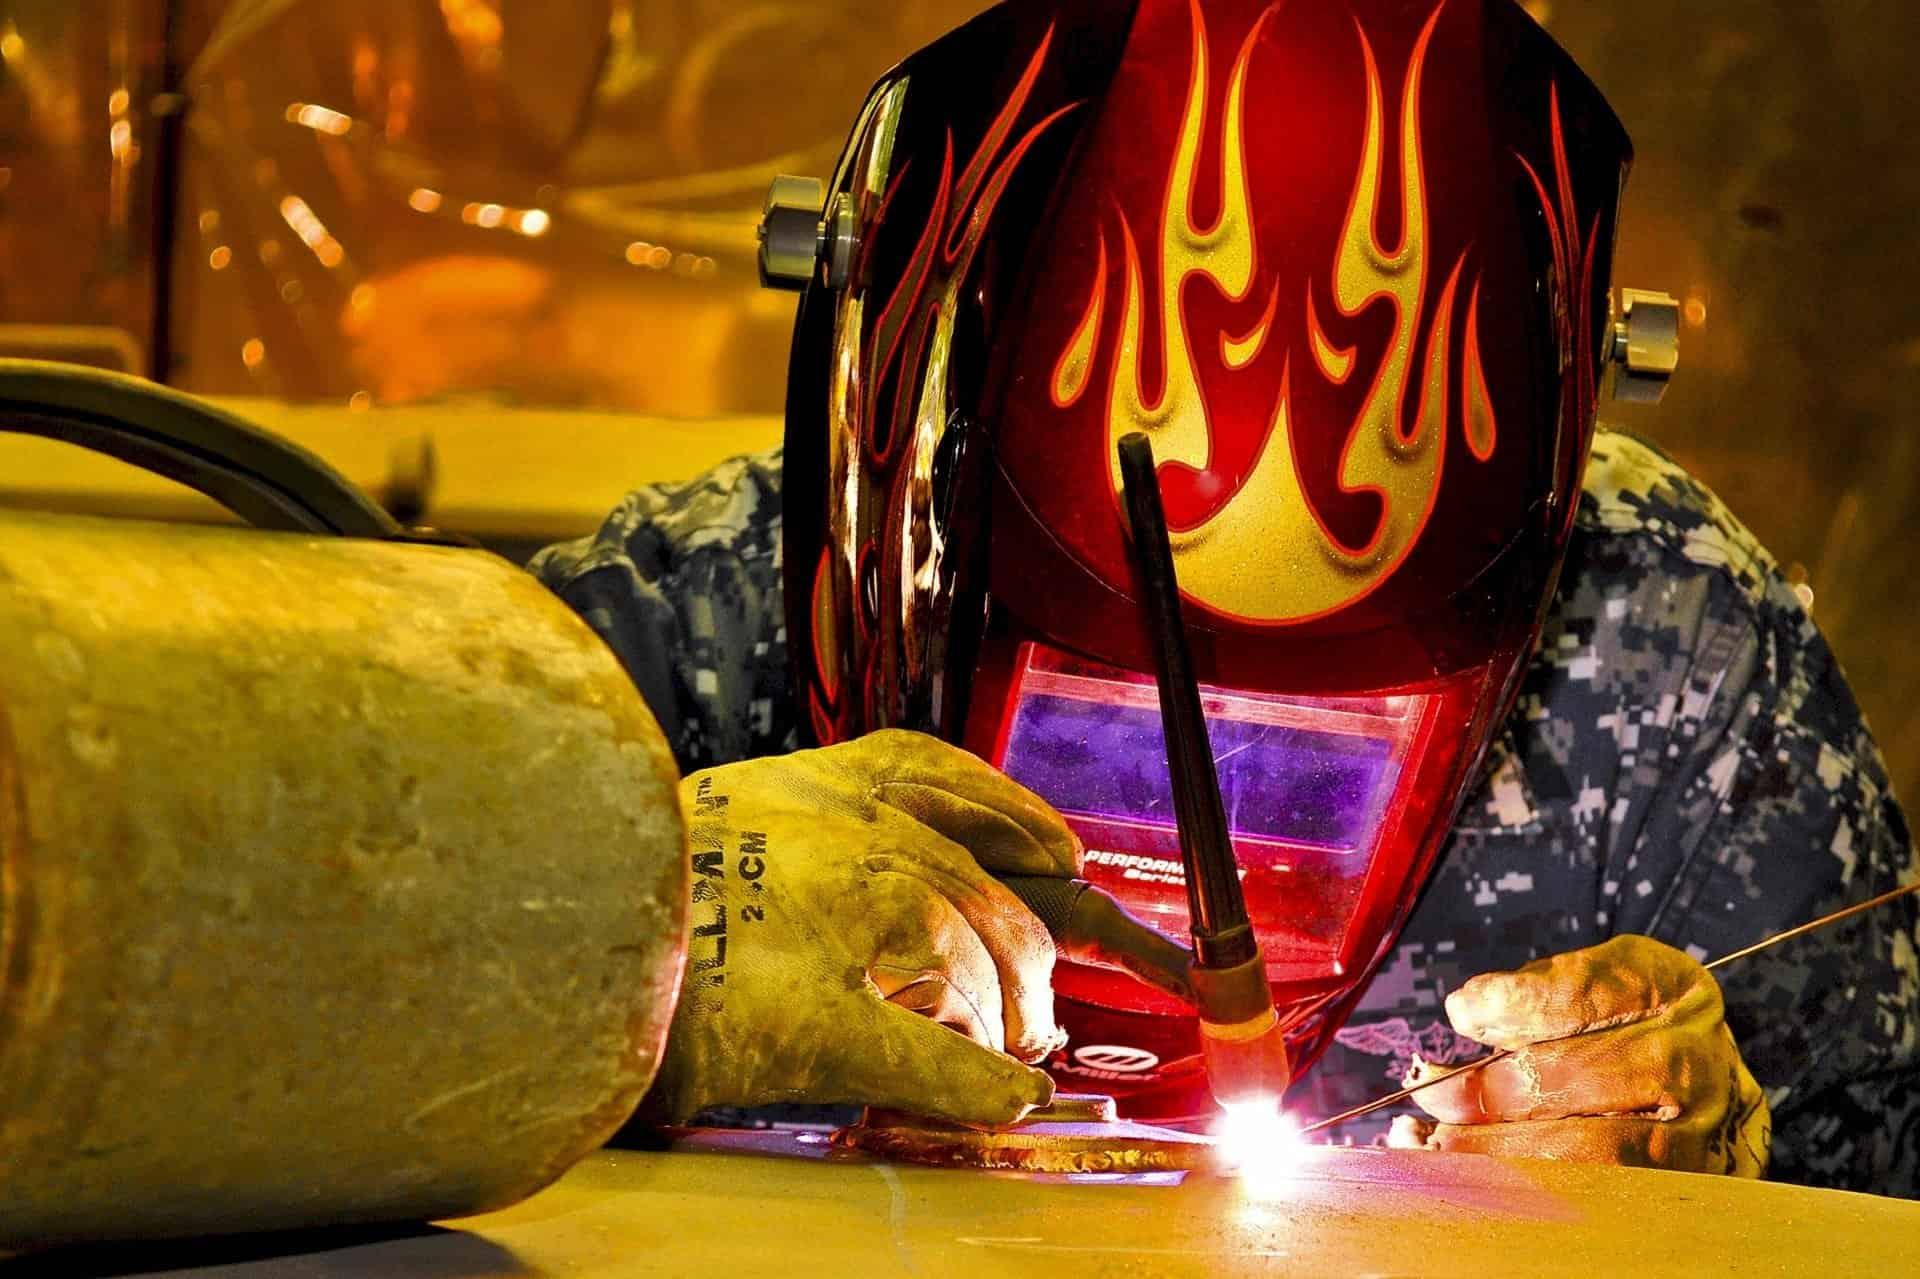 do auto darkening welding helmets work